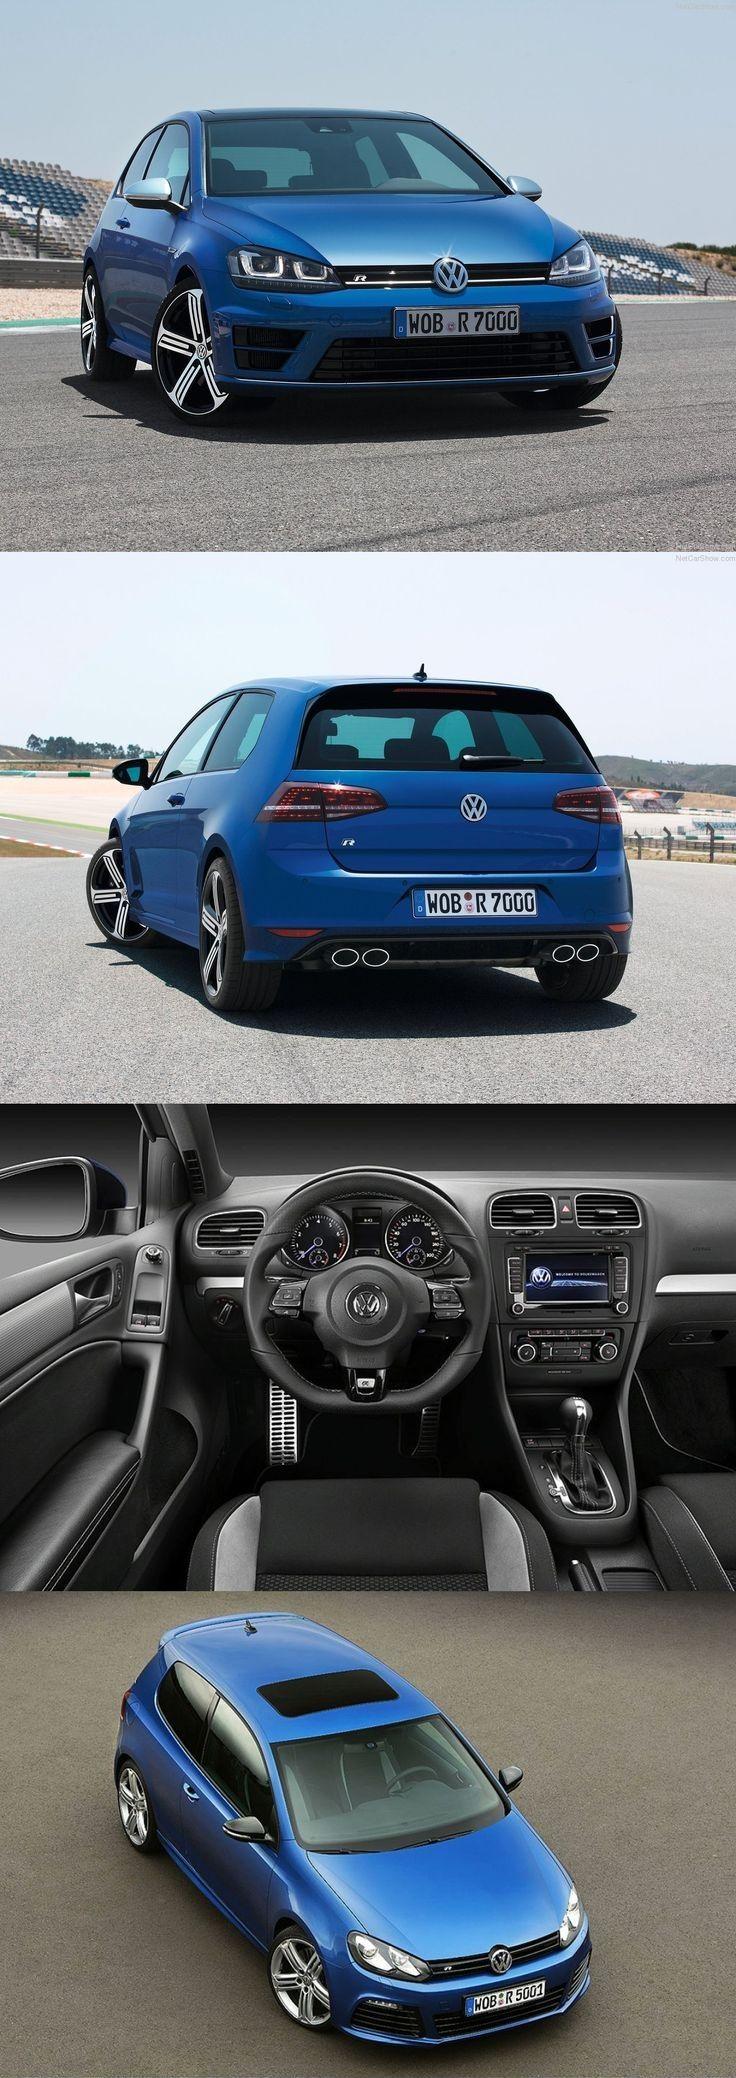 Volkswagen Golf (Mk7) R